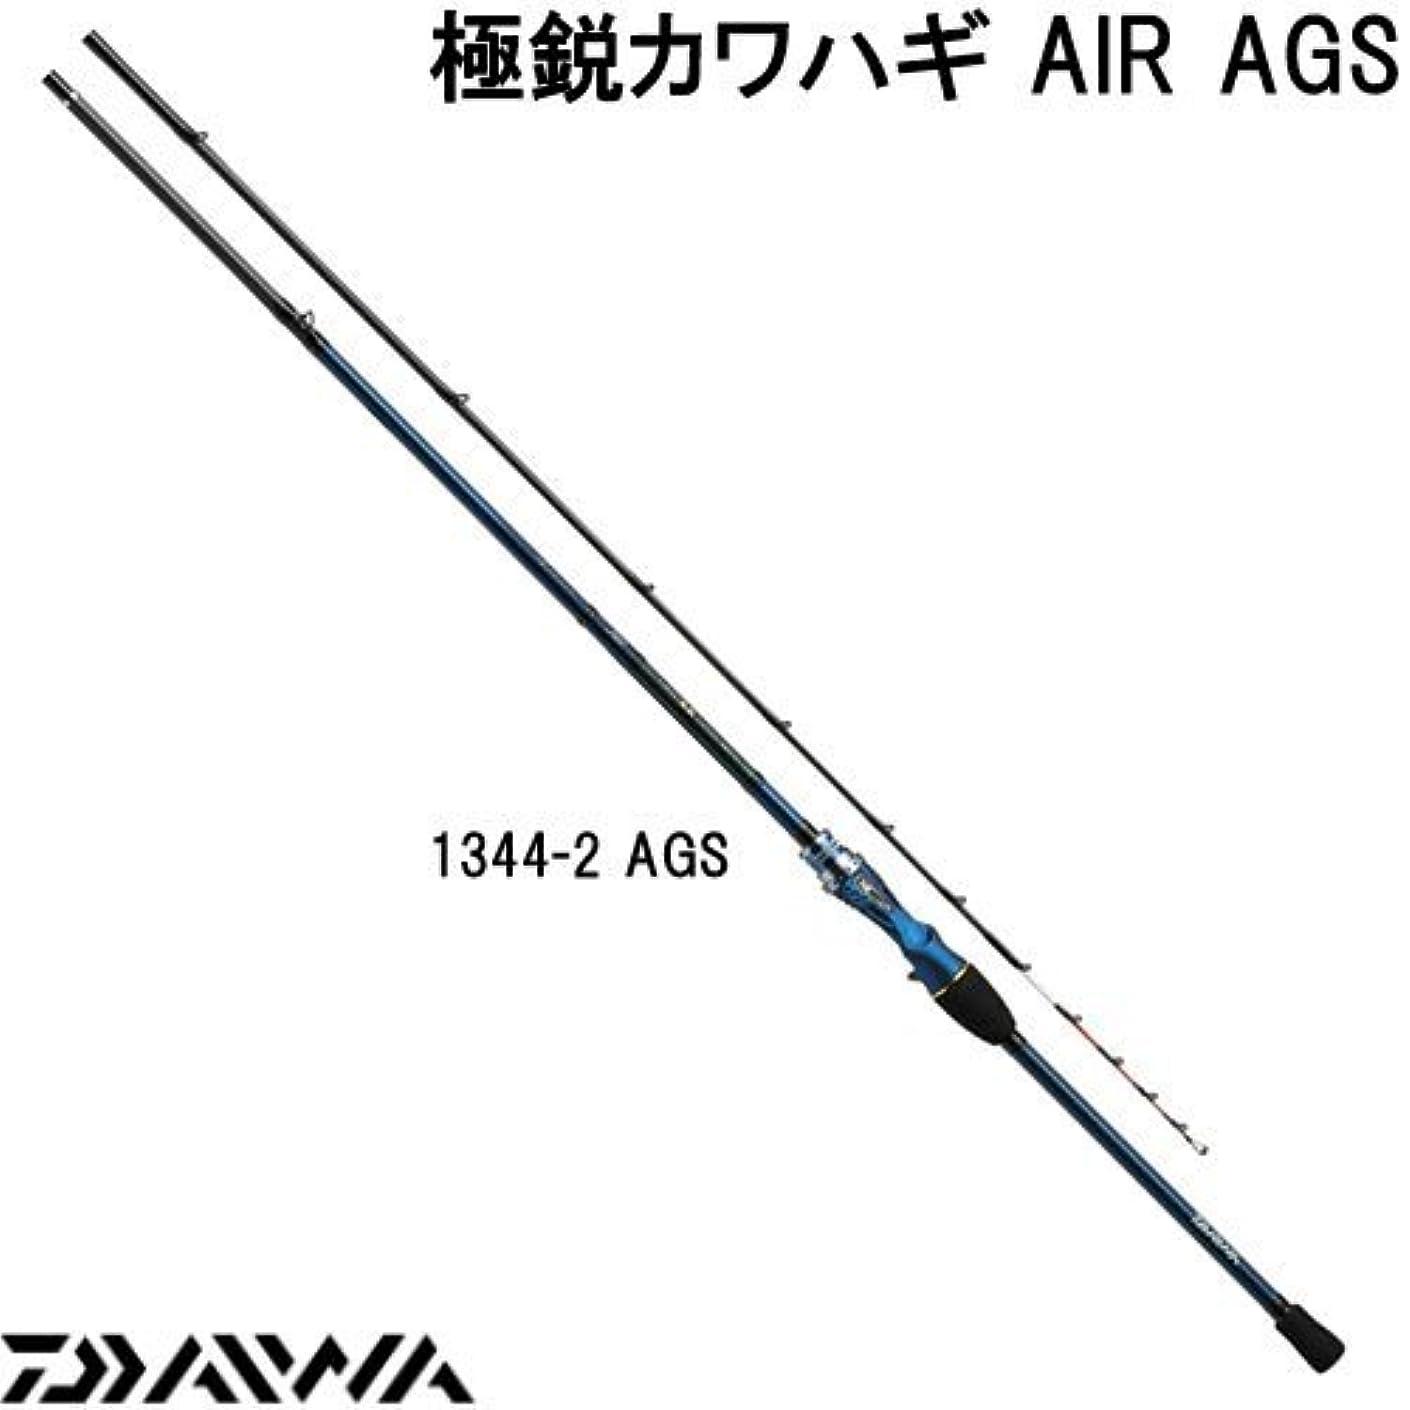 オデュッセウス衝撃控えめなダイワ(Daiwa) 船竿 ベイト 極鋭カワハギ AIR 1344-2 AGS 釣り竿